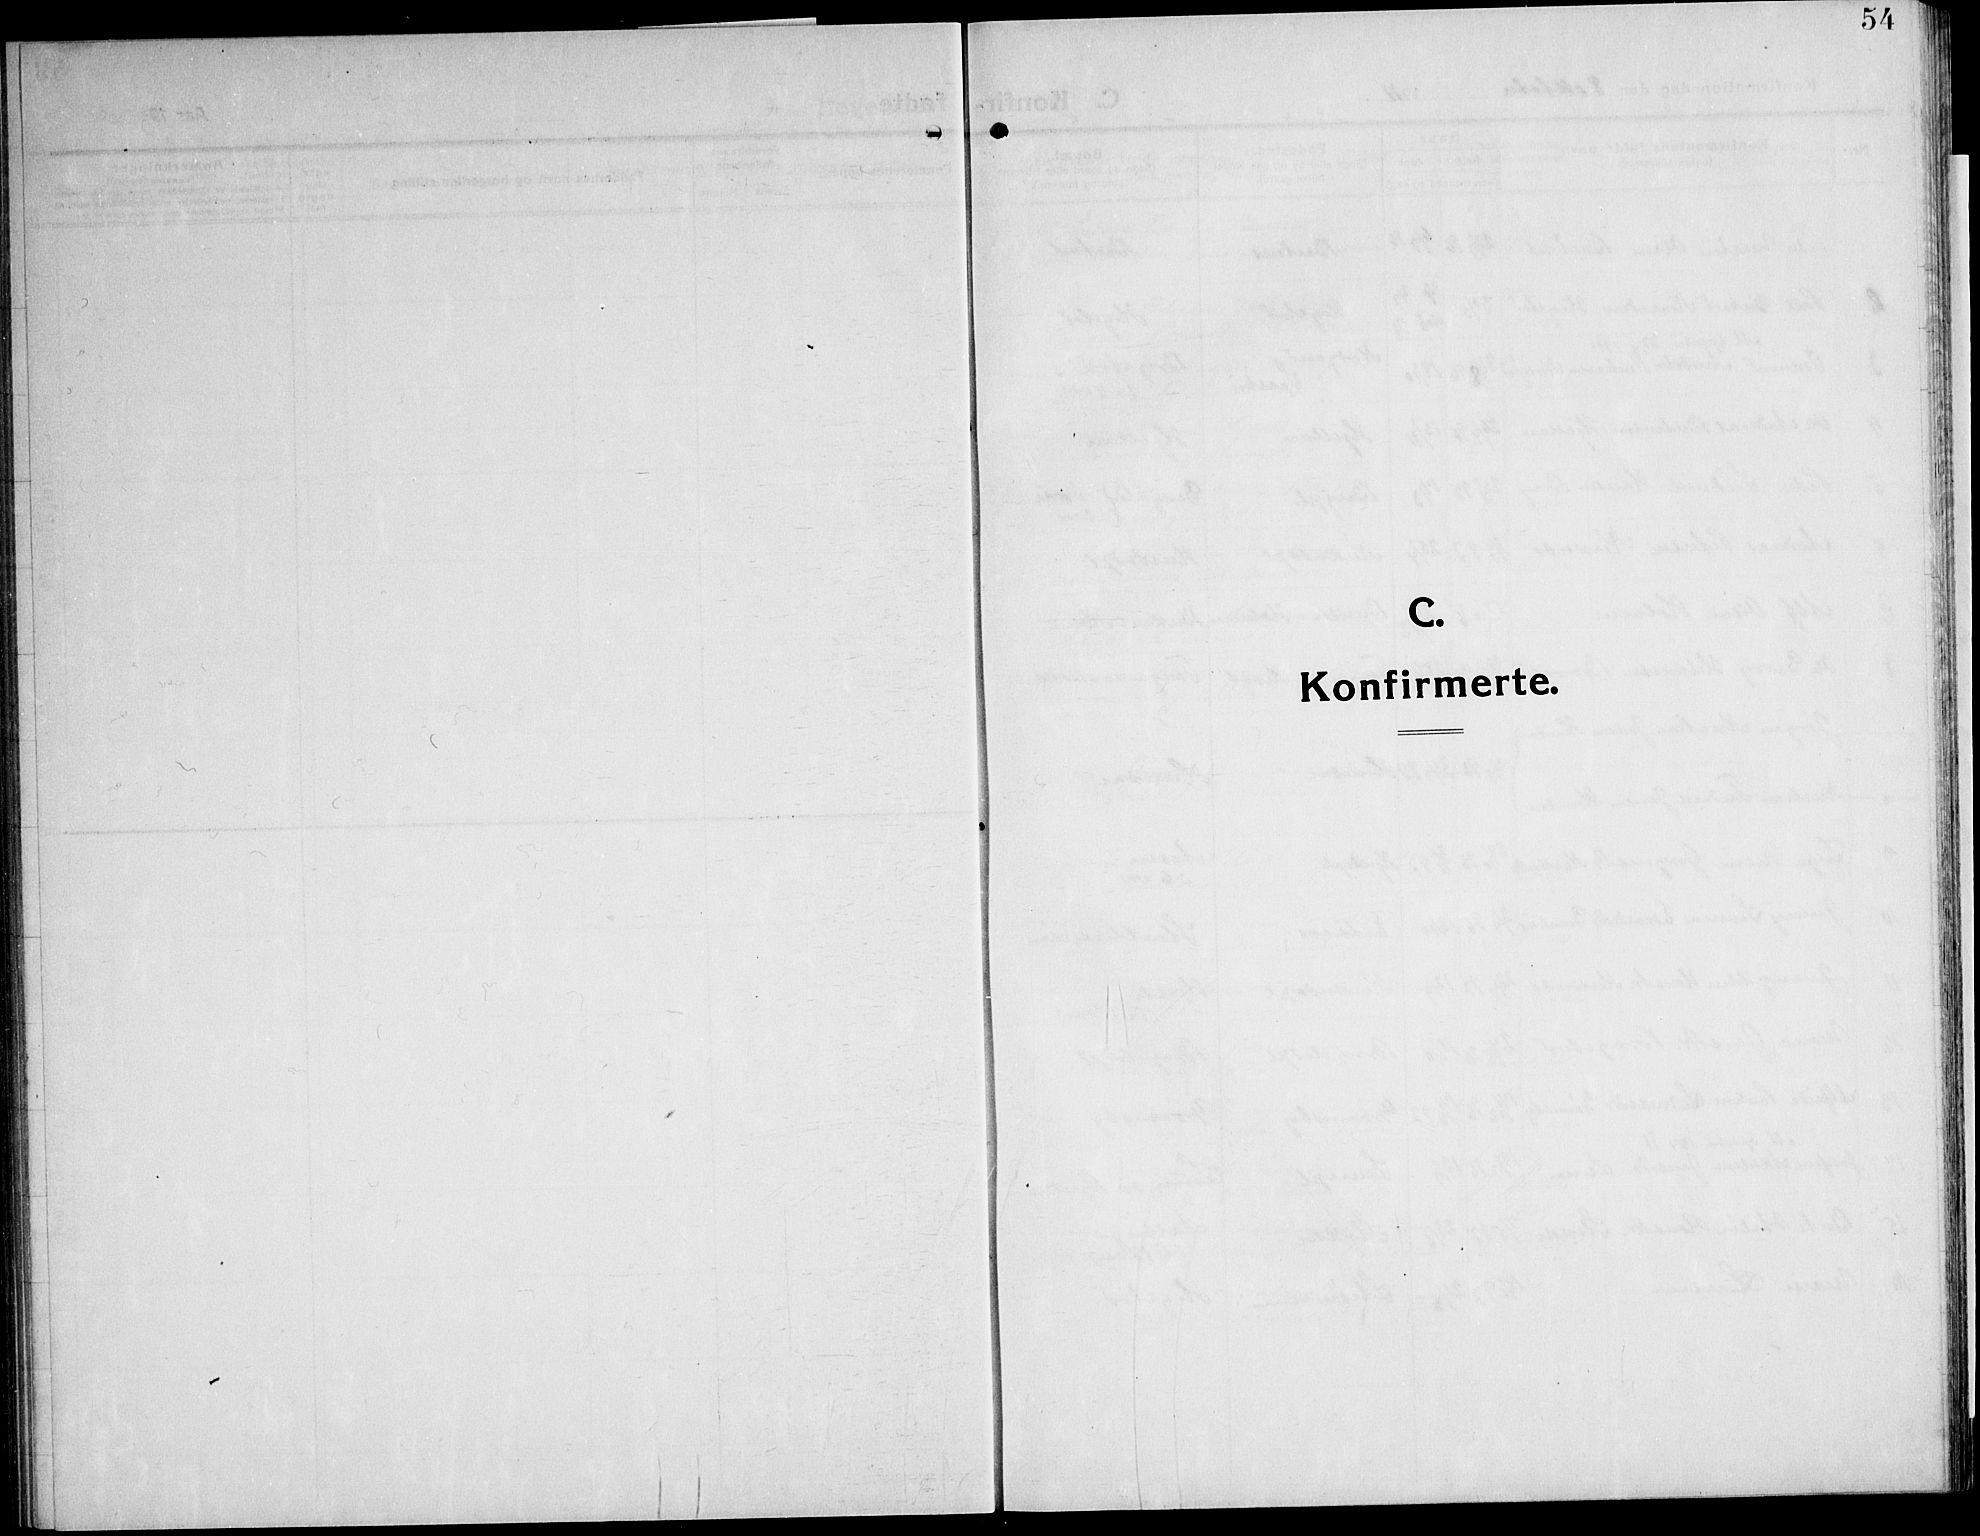 SAT, Ministerialprotokoller, klokkerbøker og fødselsregistre - Nord-Trøndelag, 732/L0319: Klokkerbok nr. 732C03, 1911-1945, s. 54